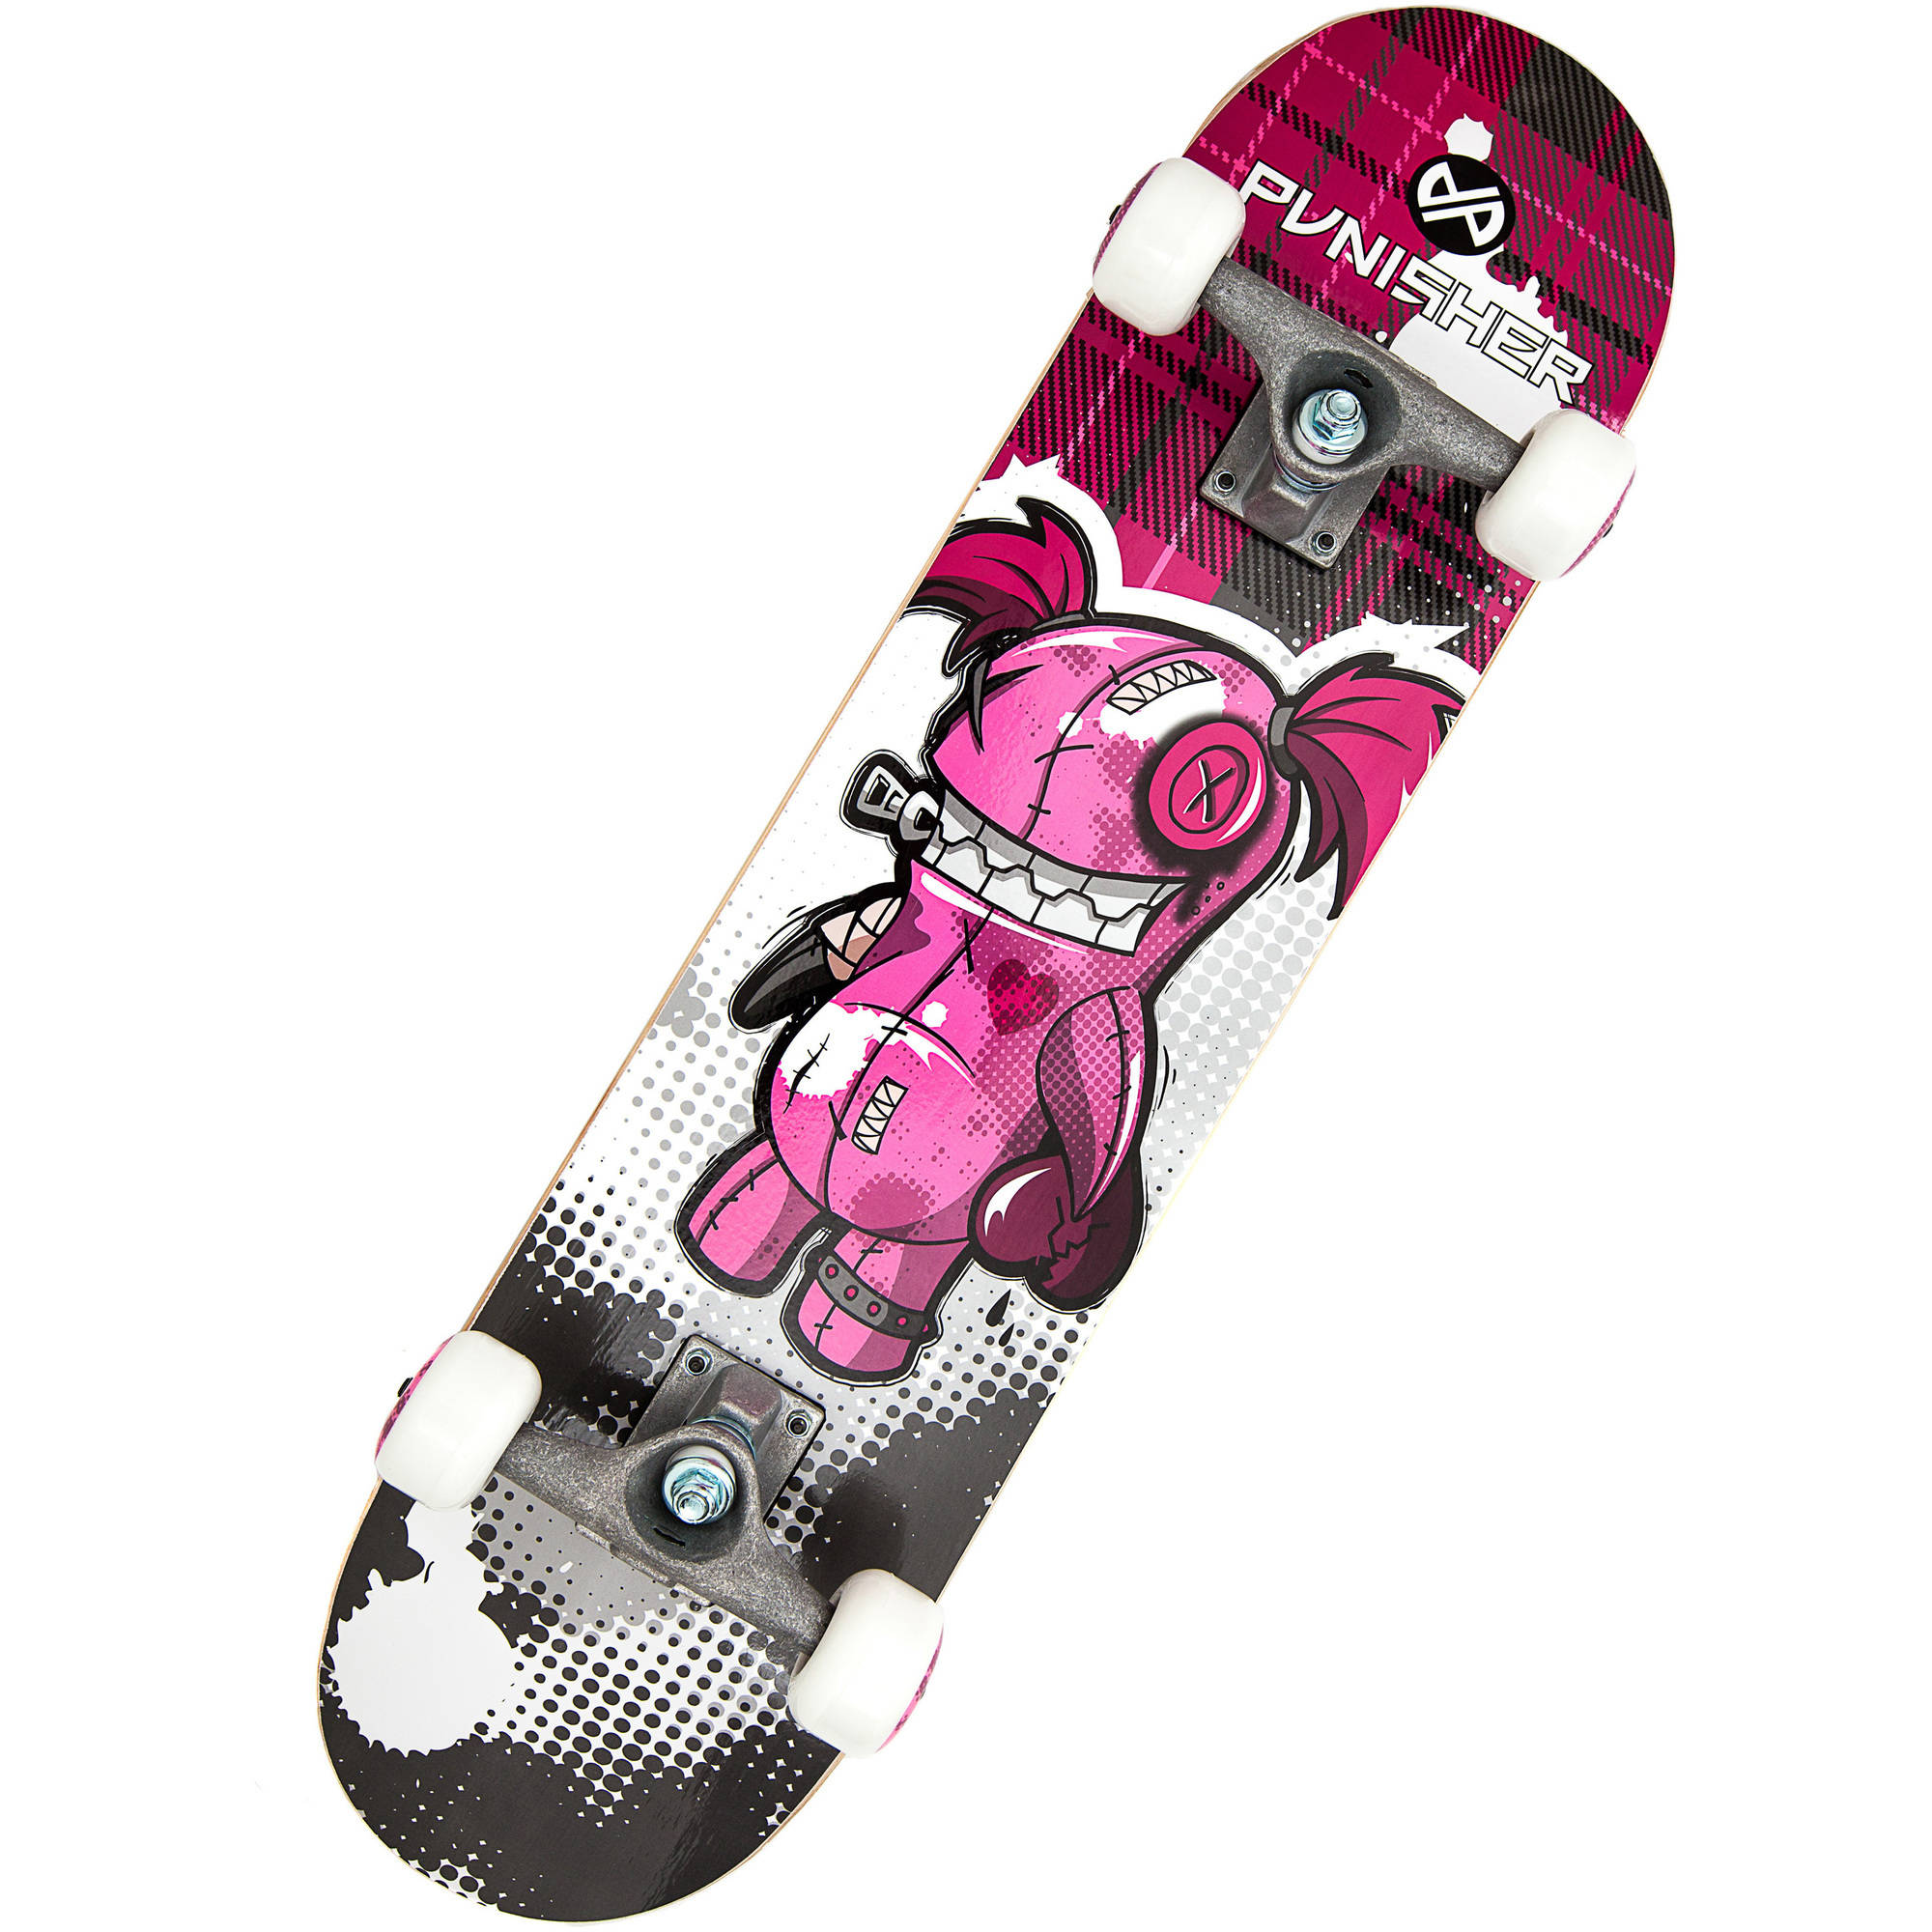 """Punisher Skateboards Voodoo 31.5"""" ABEC-7 Complete Skateboard by Generic"""